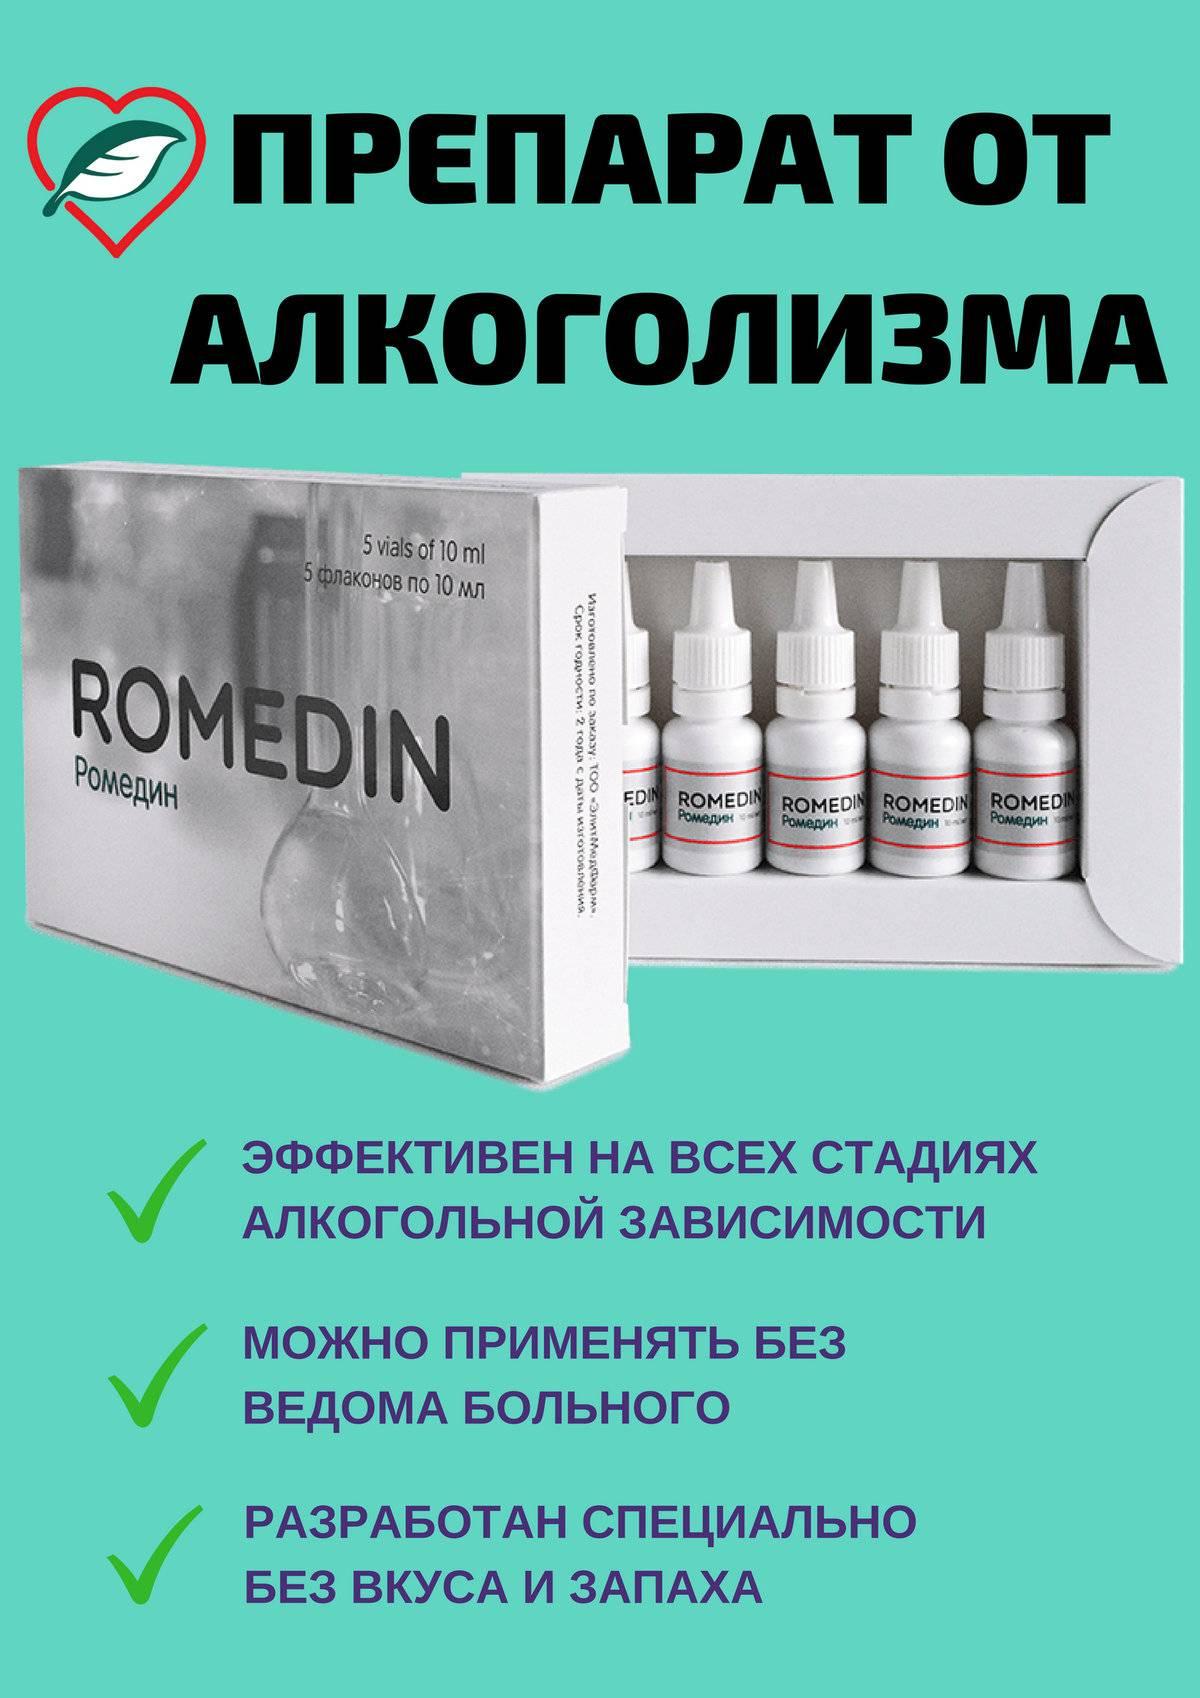 Таблетки от алкоголизма без рецептов - как бросить пить без последствий: препараты от пьянства с ценами в аптеке